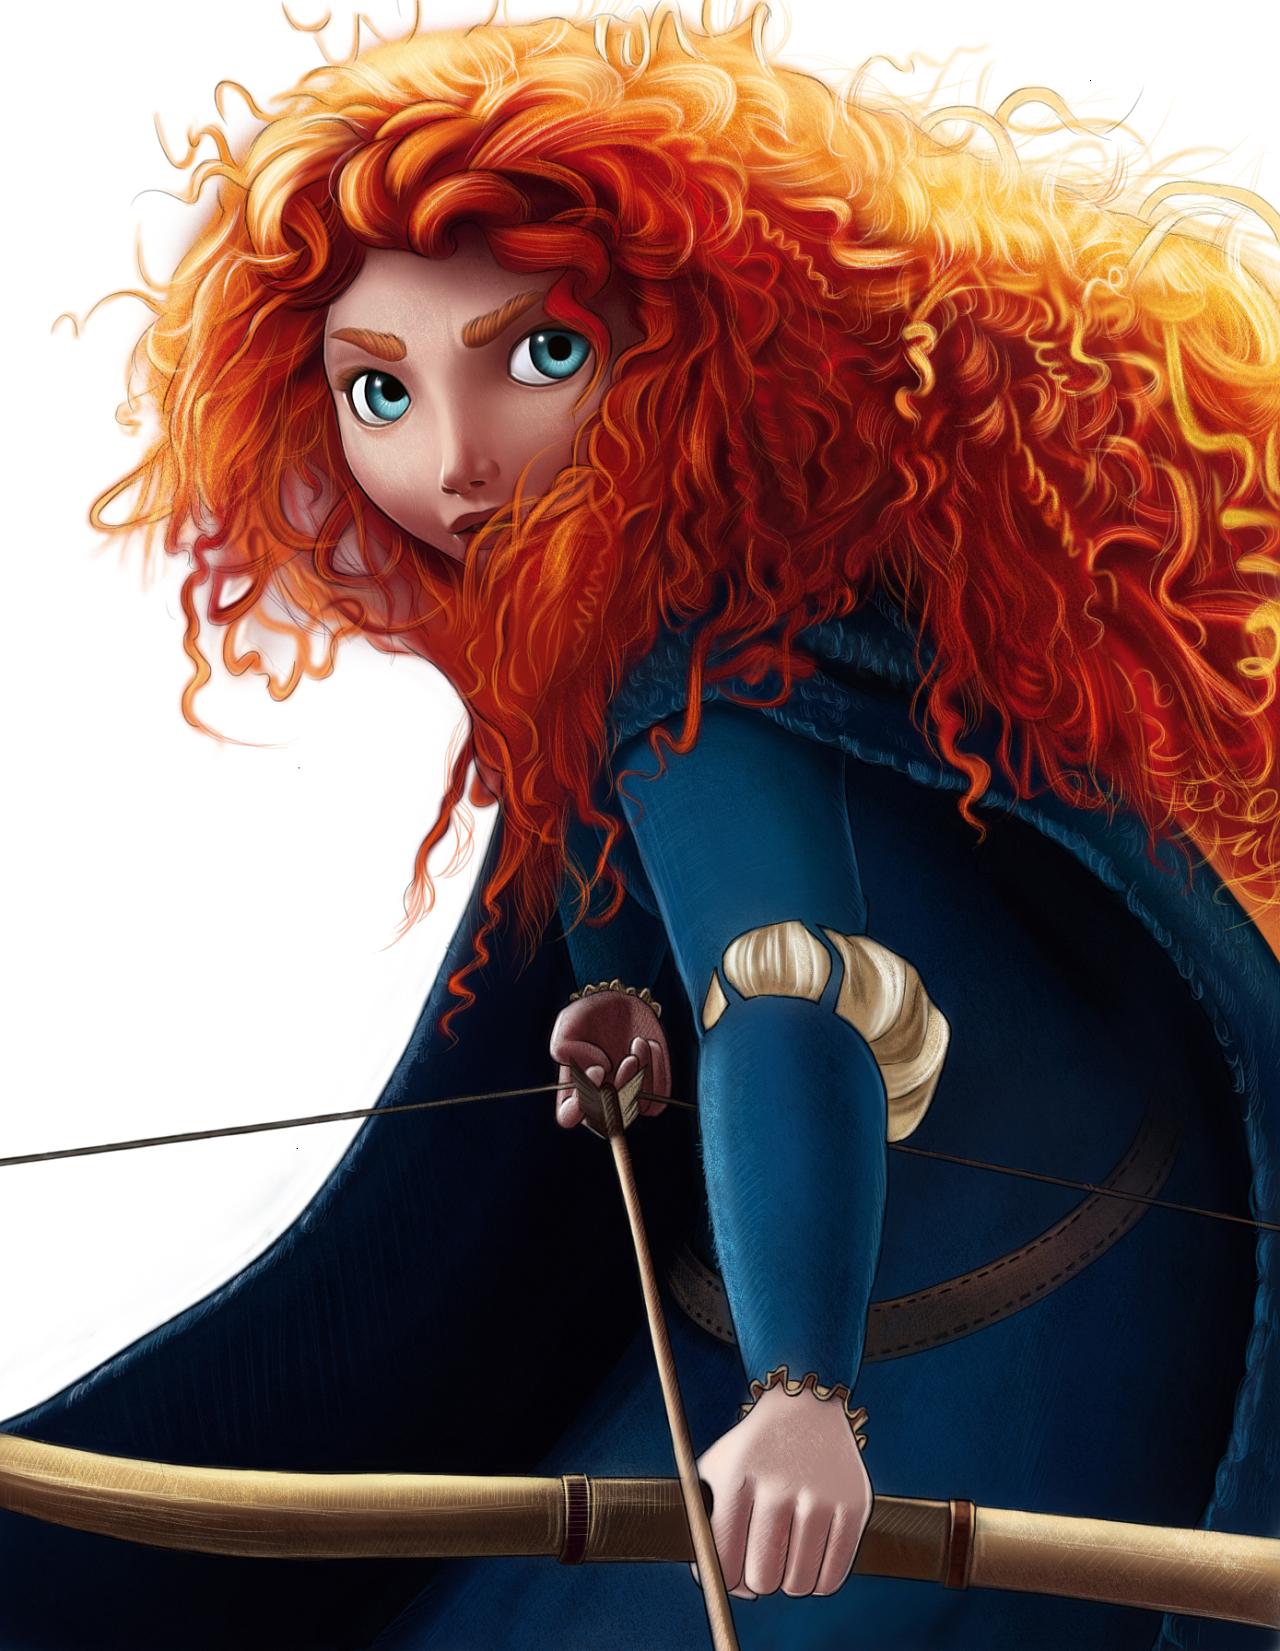 教你ps手绘:迪士尼-勇敢传说